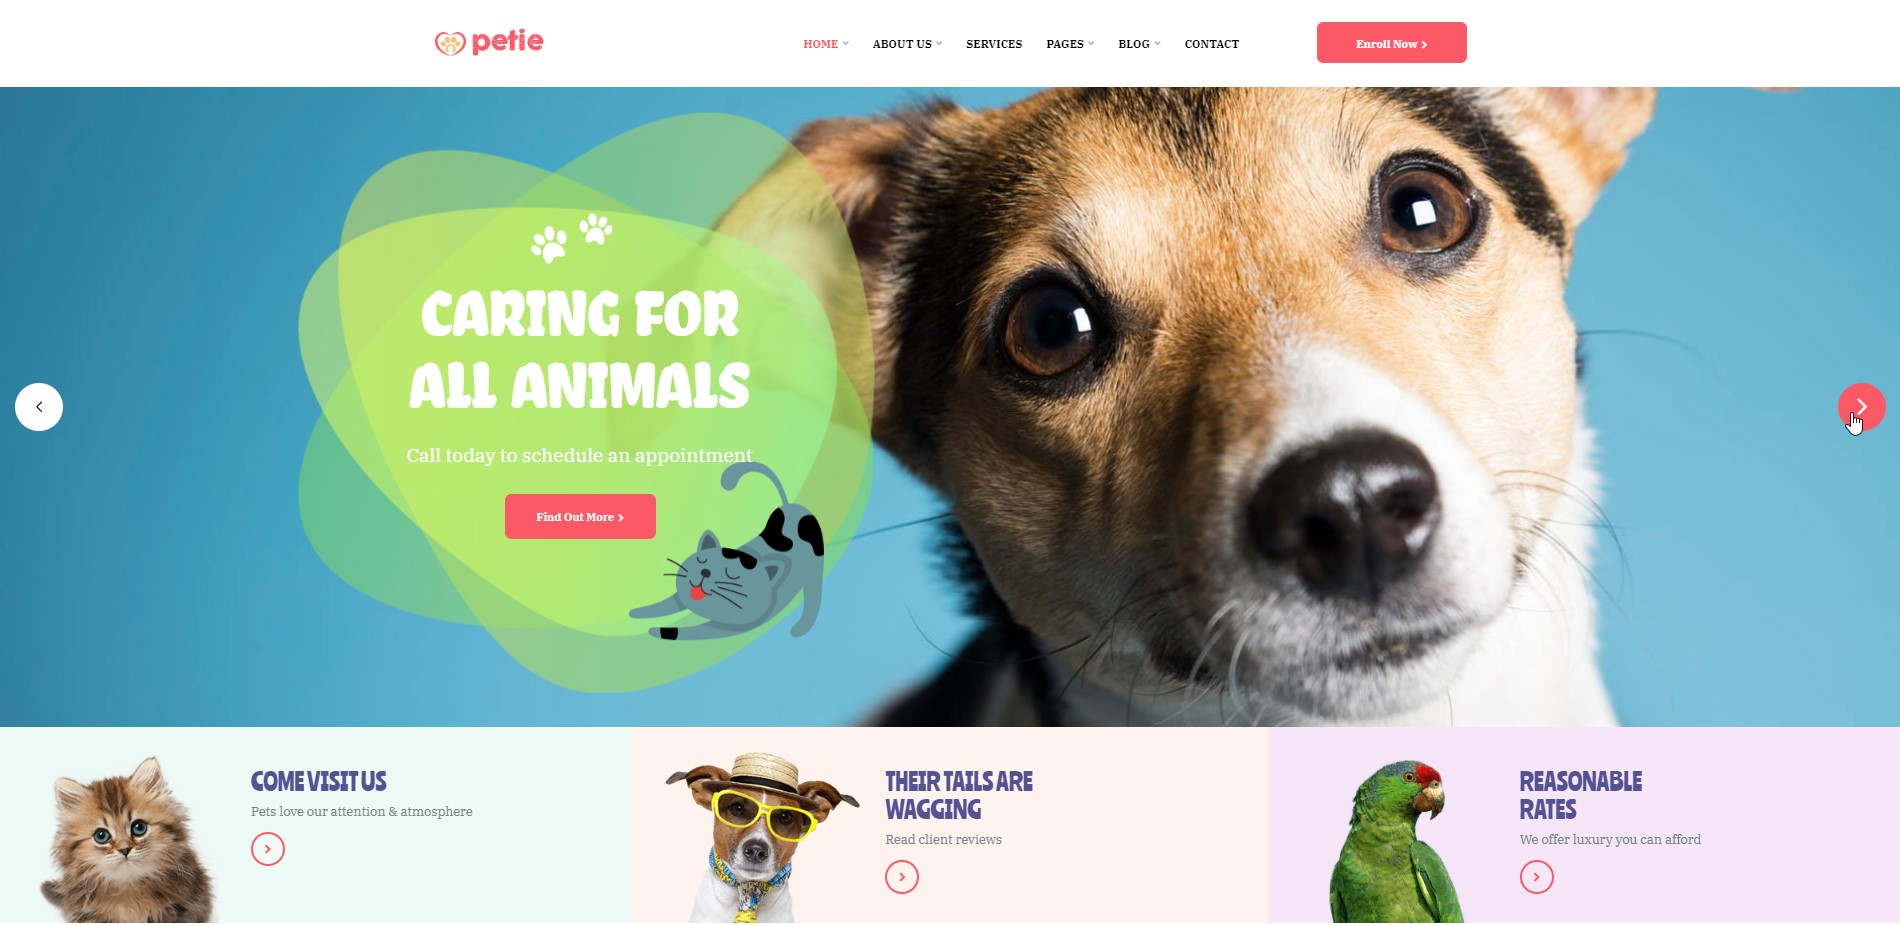 Petie - Pet Care & Veterinary WordPress Theme